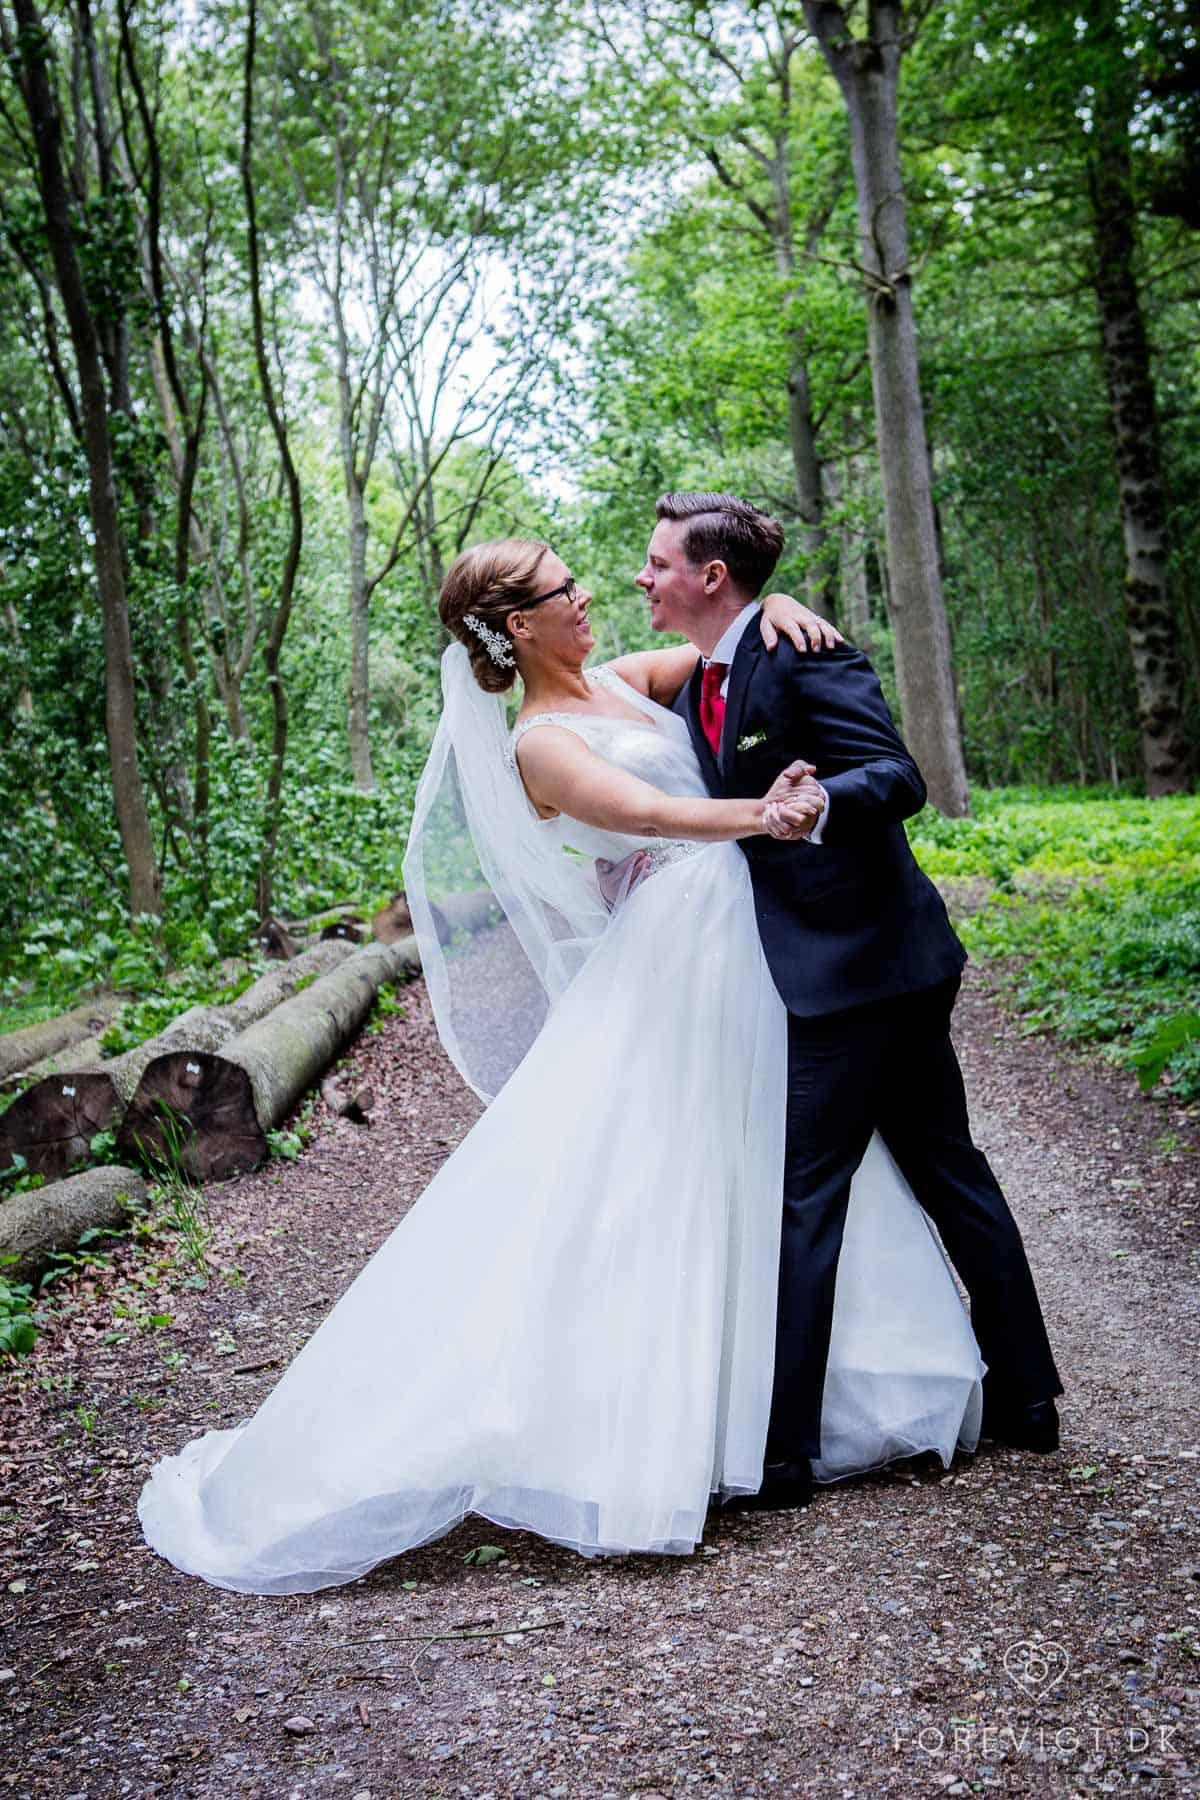 Bryllupsfotografering med fokus på høj kvalitet og lav pris.